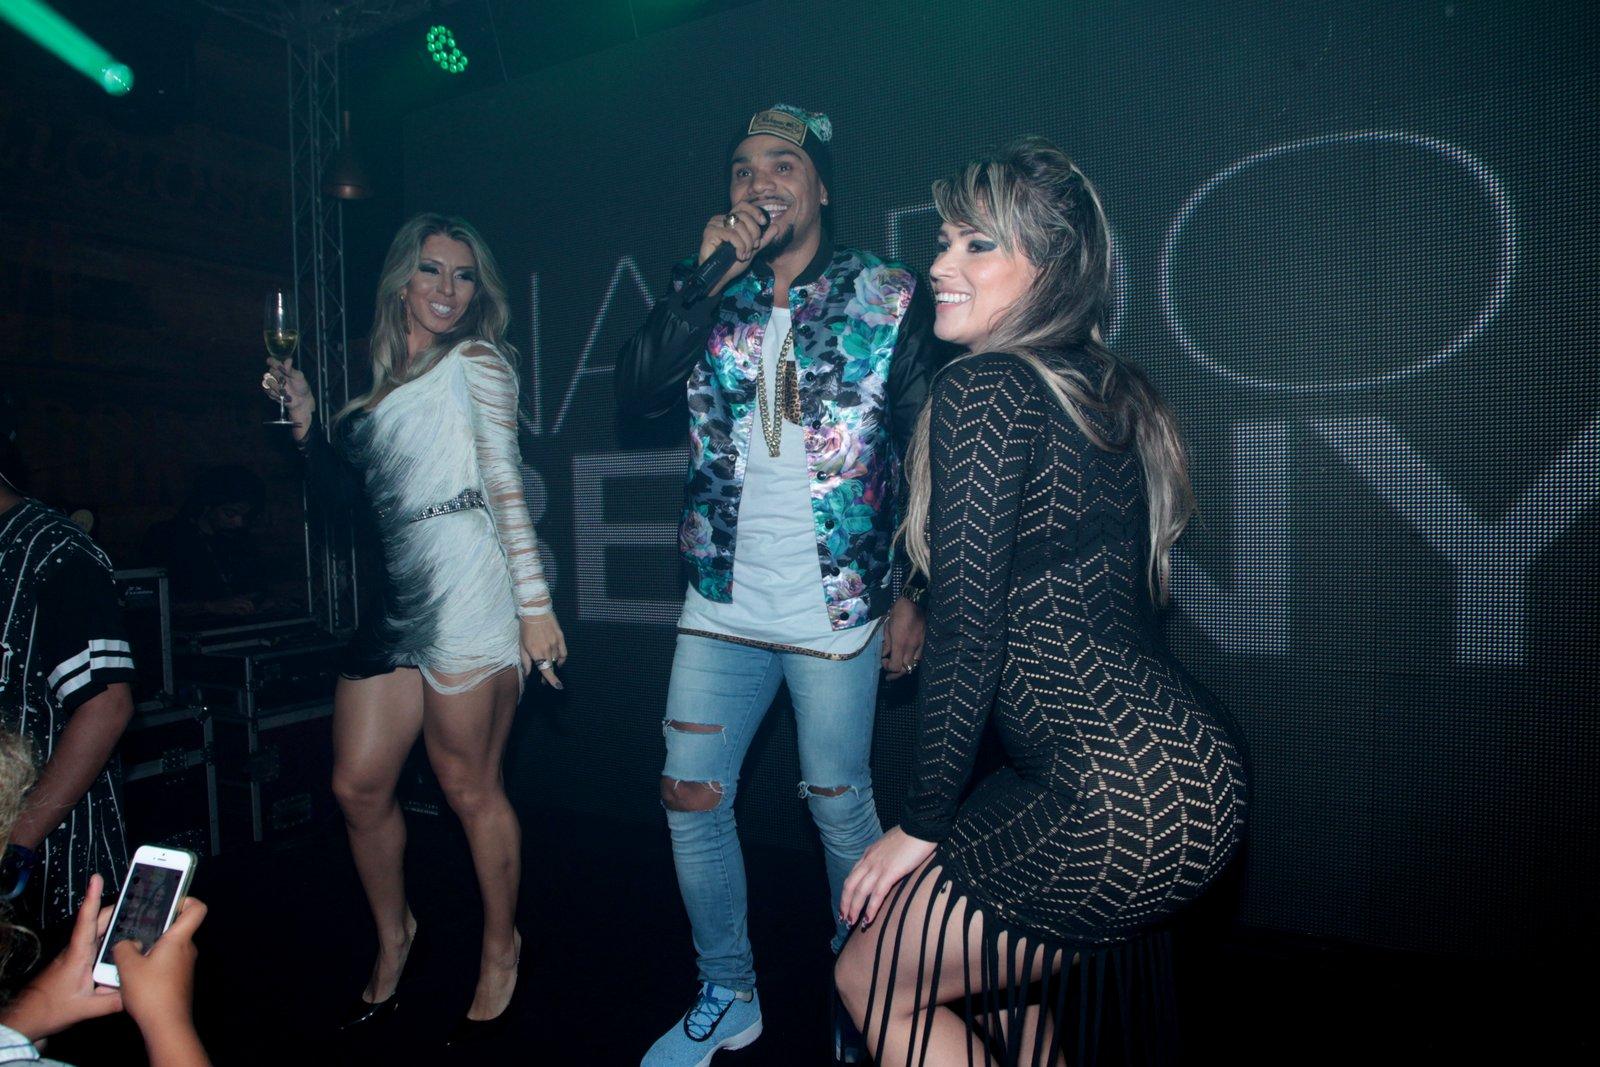 Andréa de Andrade e Fani dança com Naldo em festa na Zona Oeste do Rio